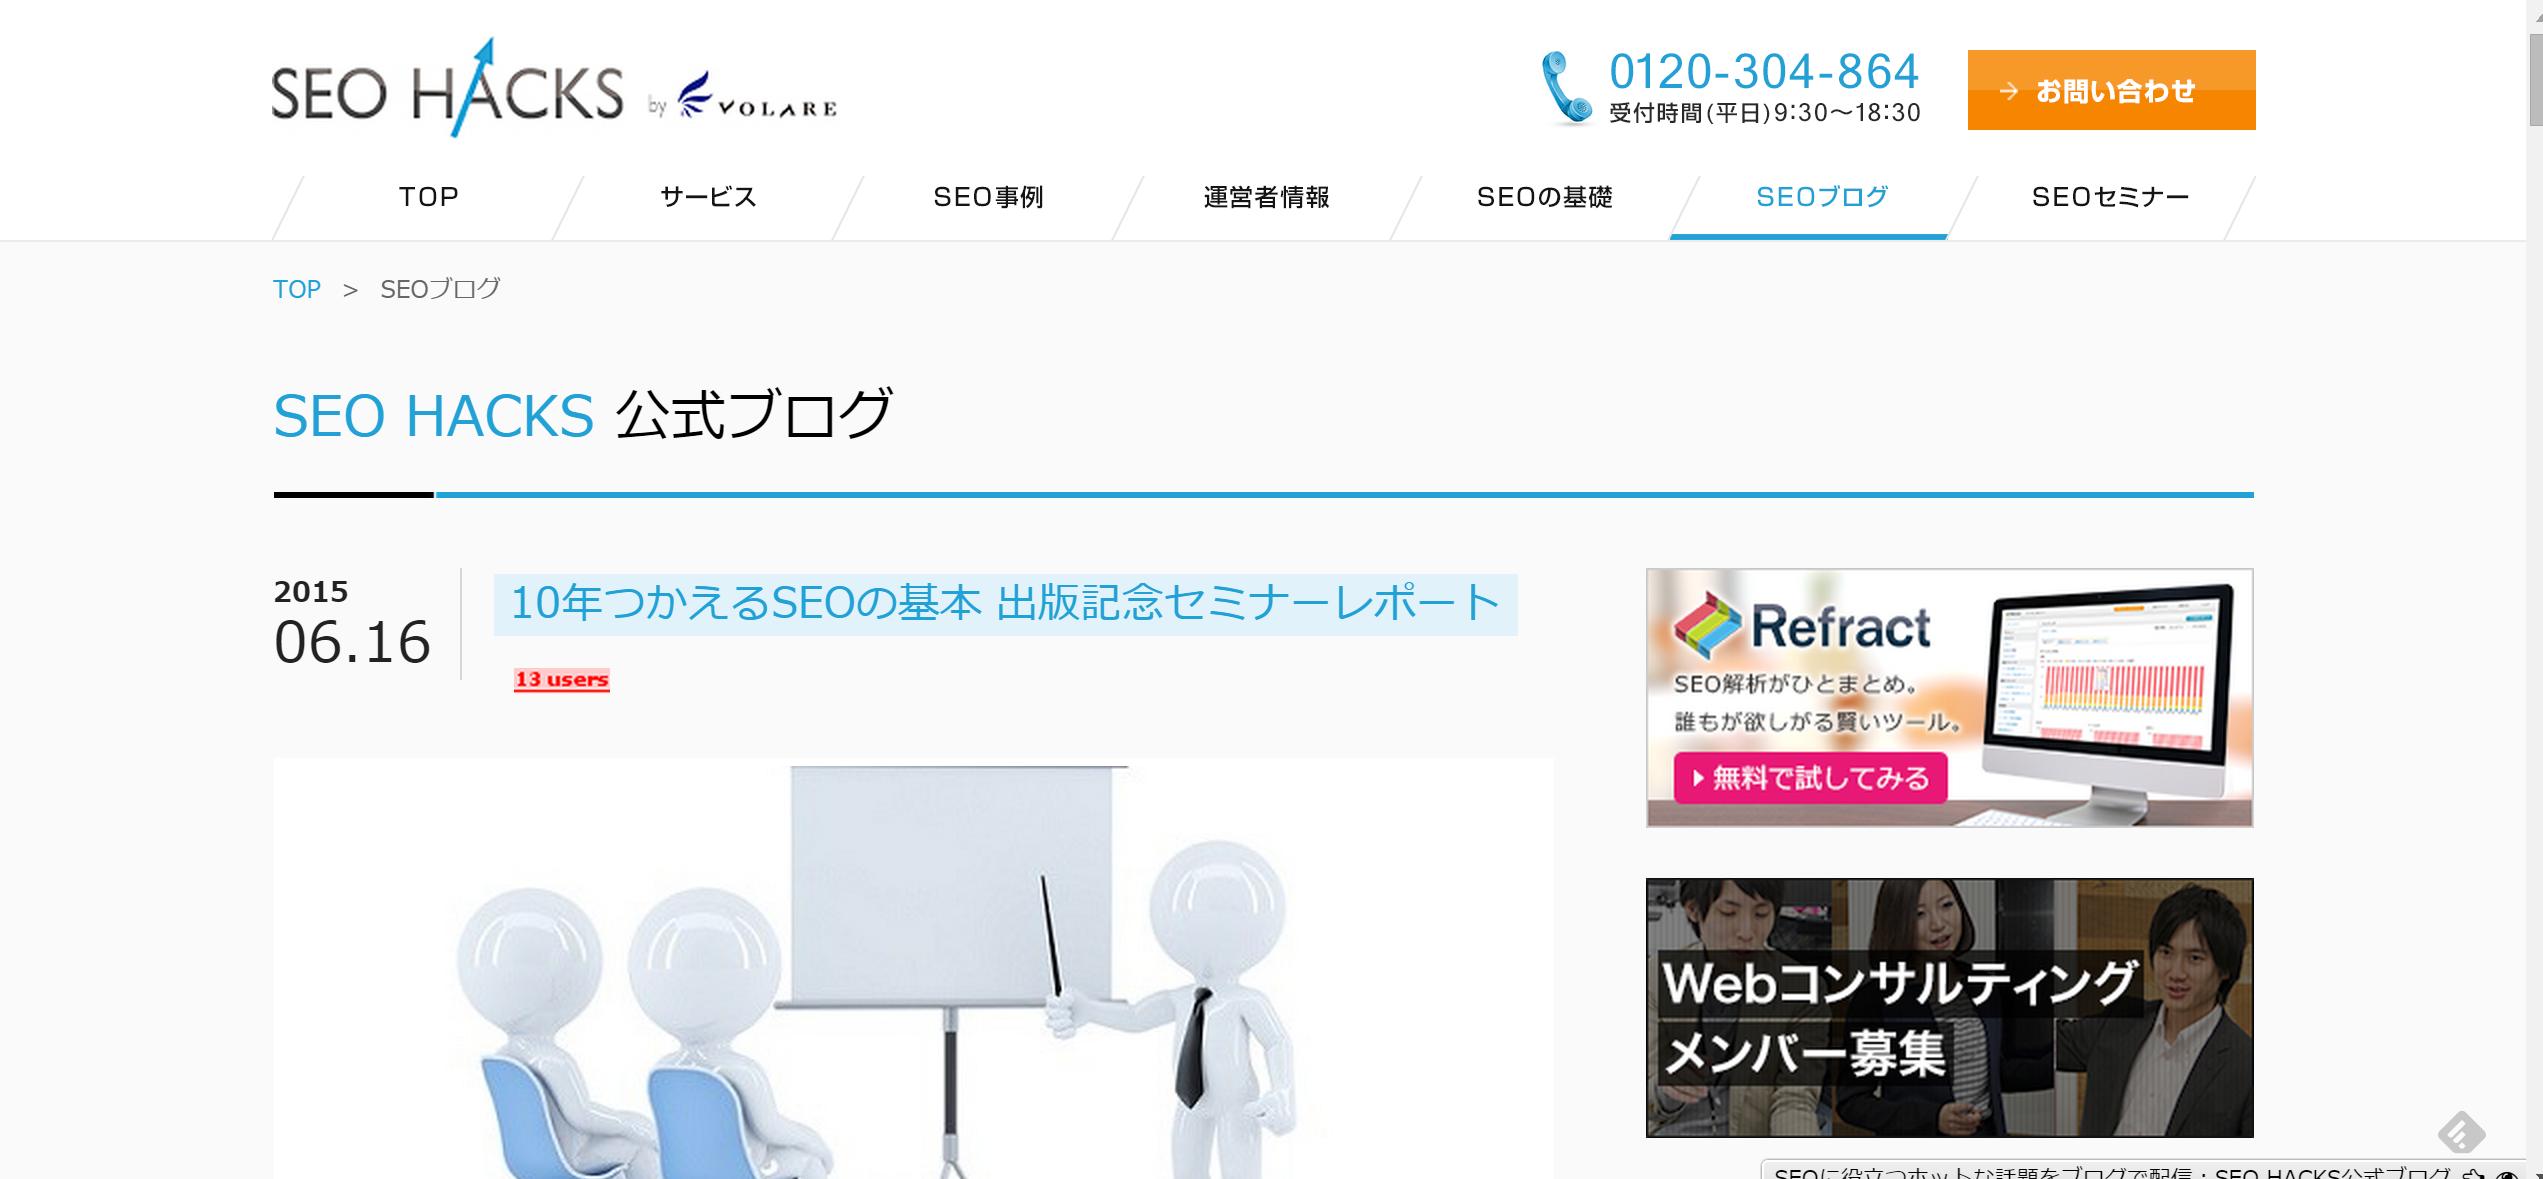 SEOに役立つホットな話題をブログで配信:SEO HACKS公式ブログ